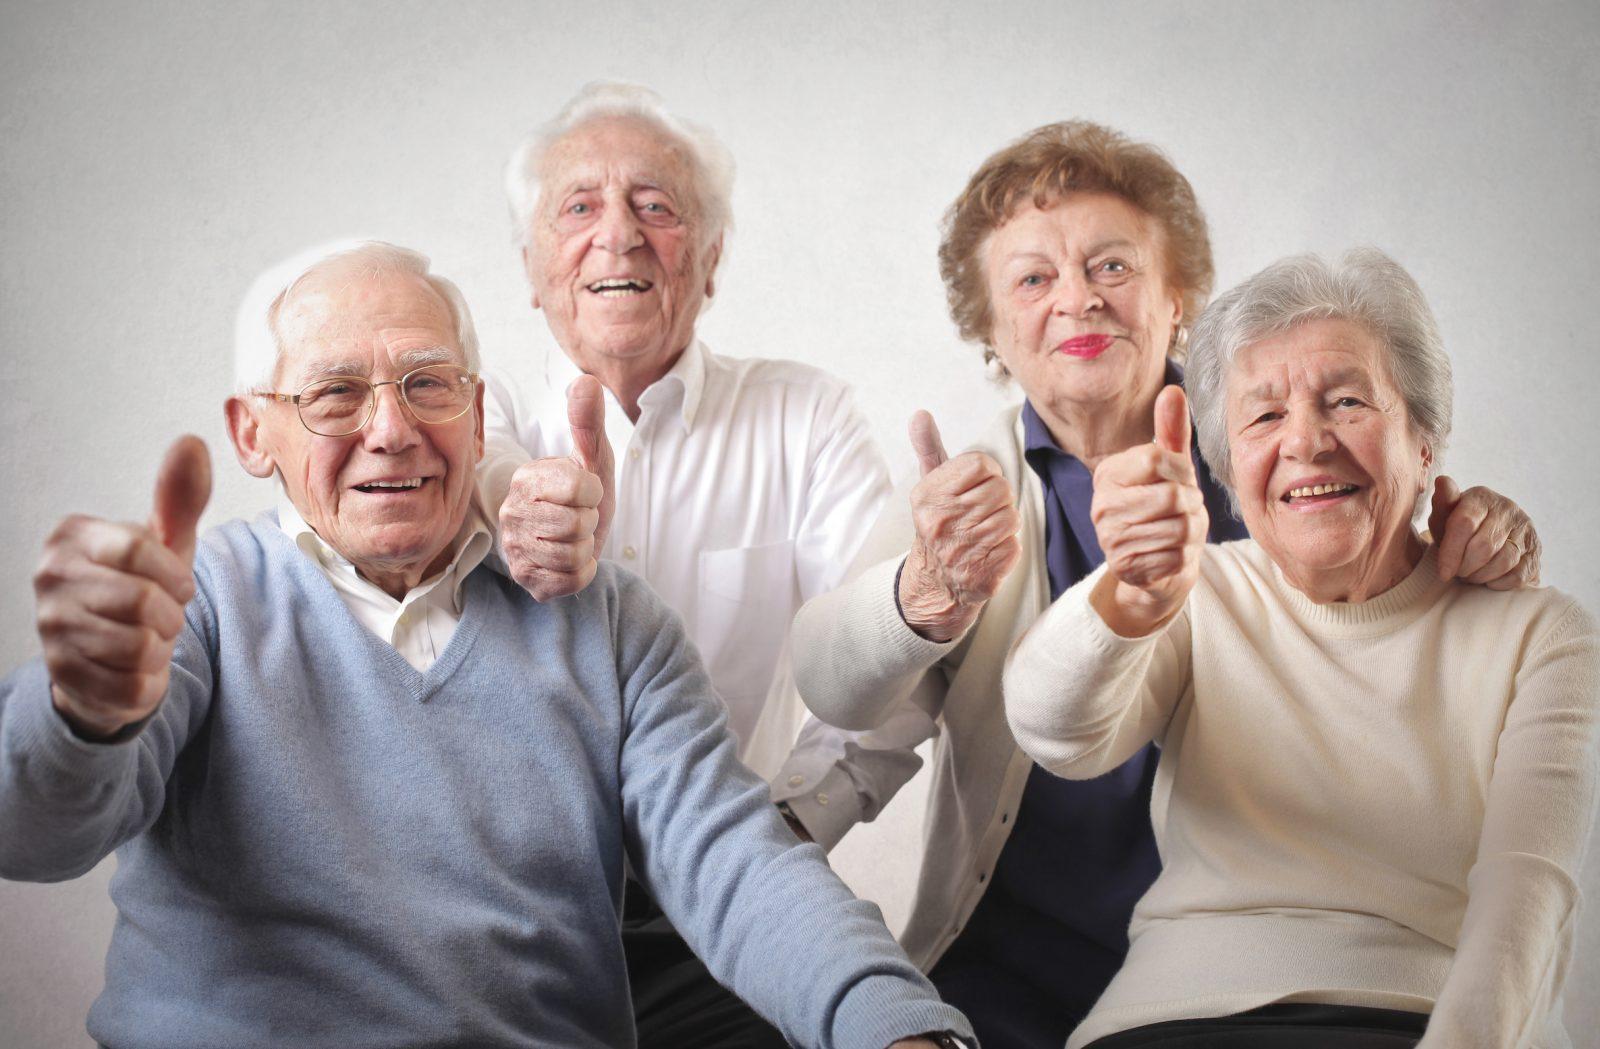 מהם היתרונות בלימוד אנגלית למבוגרים ולמה זה חשוב?